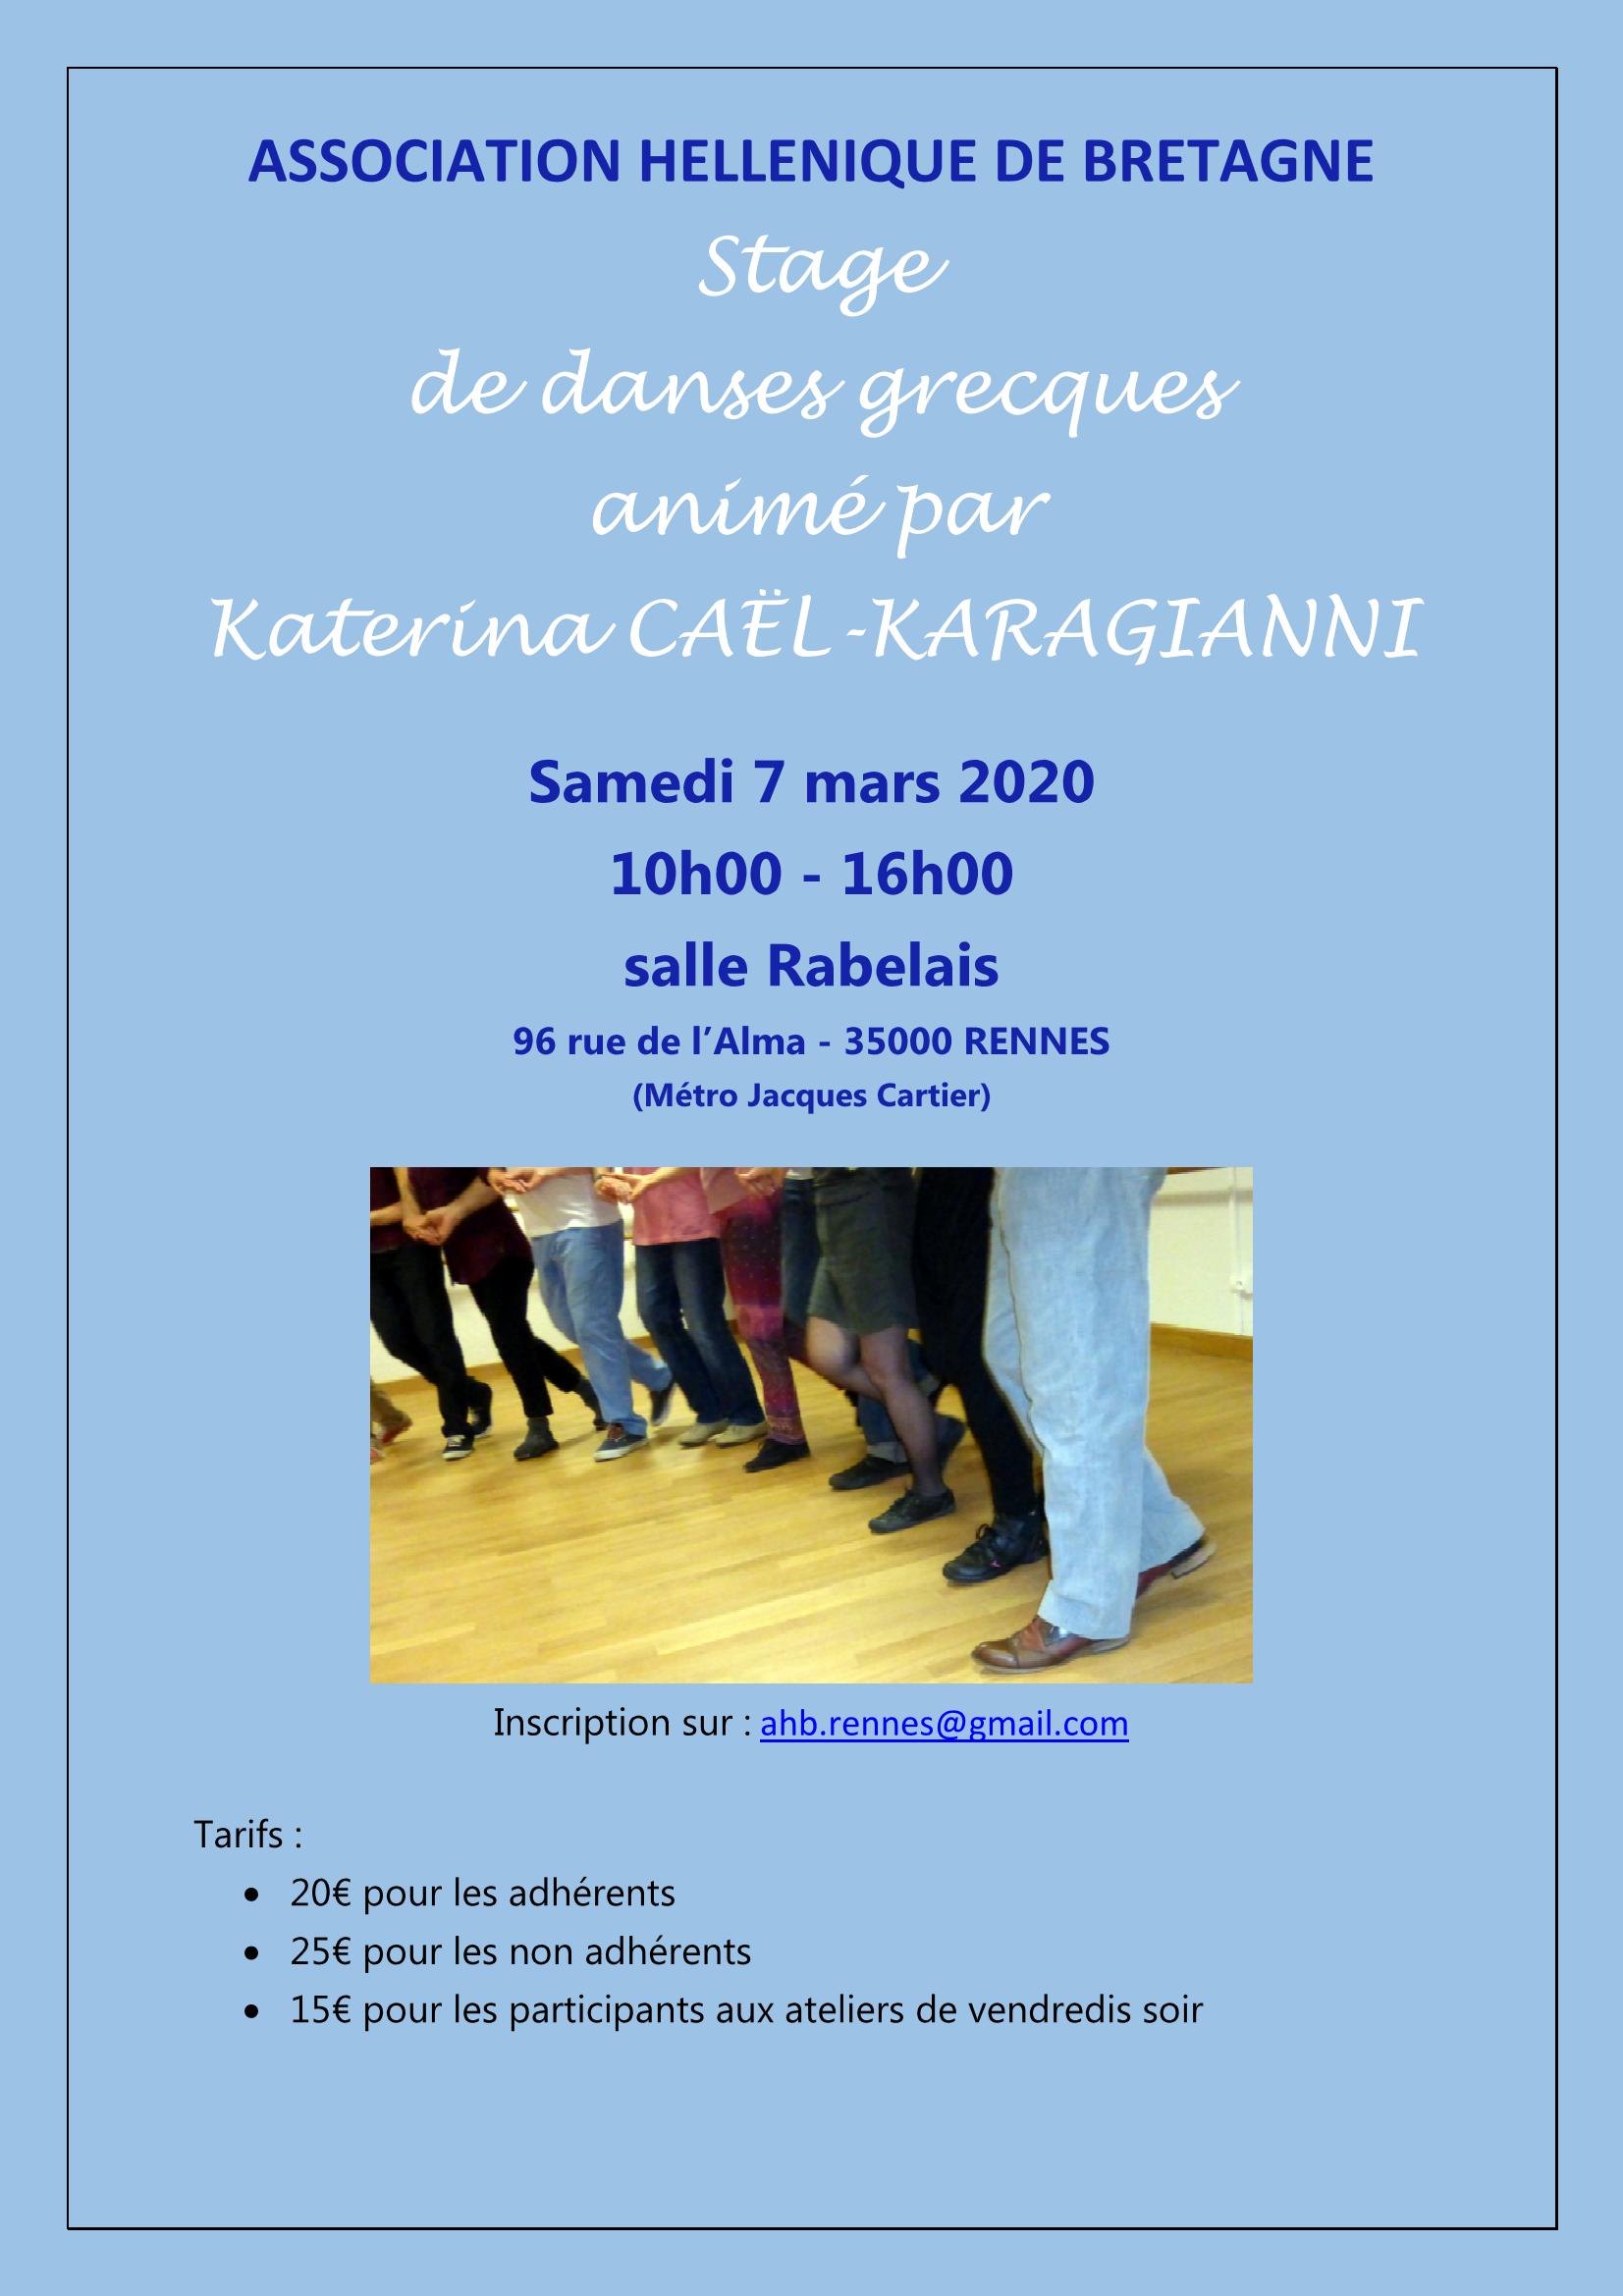 Stage de danses affiche 07 03 2020 - bis (2)_Page_1